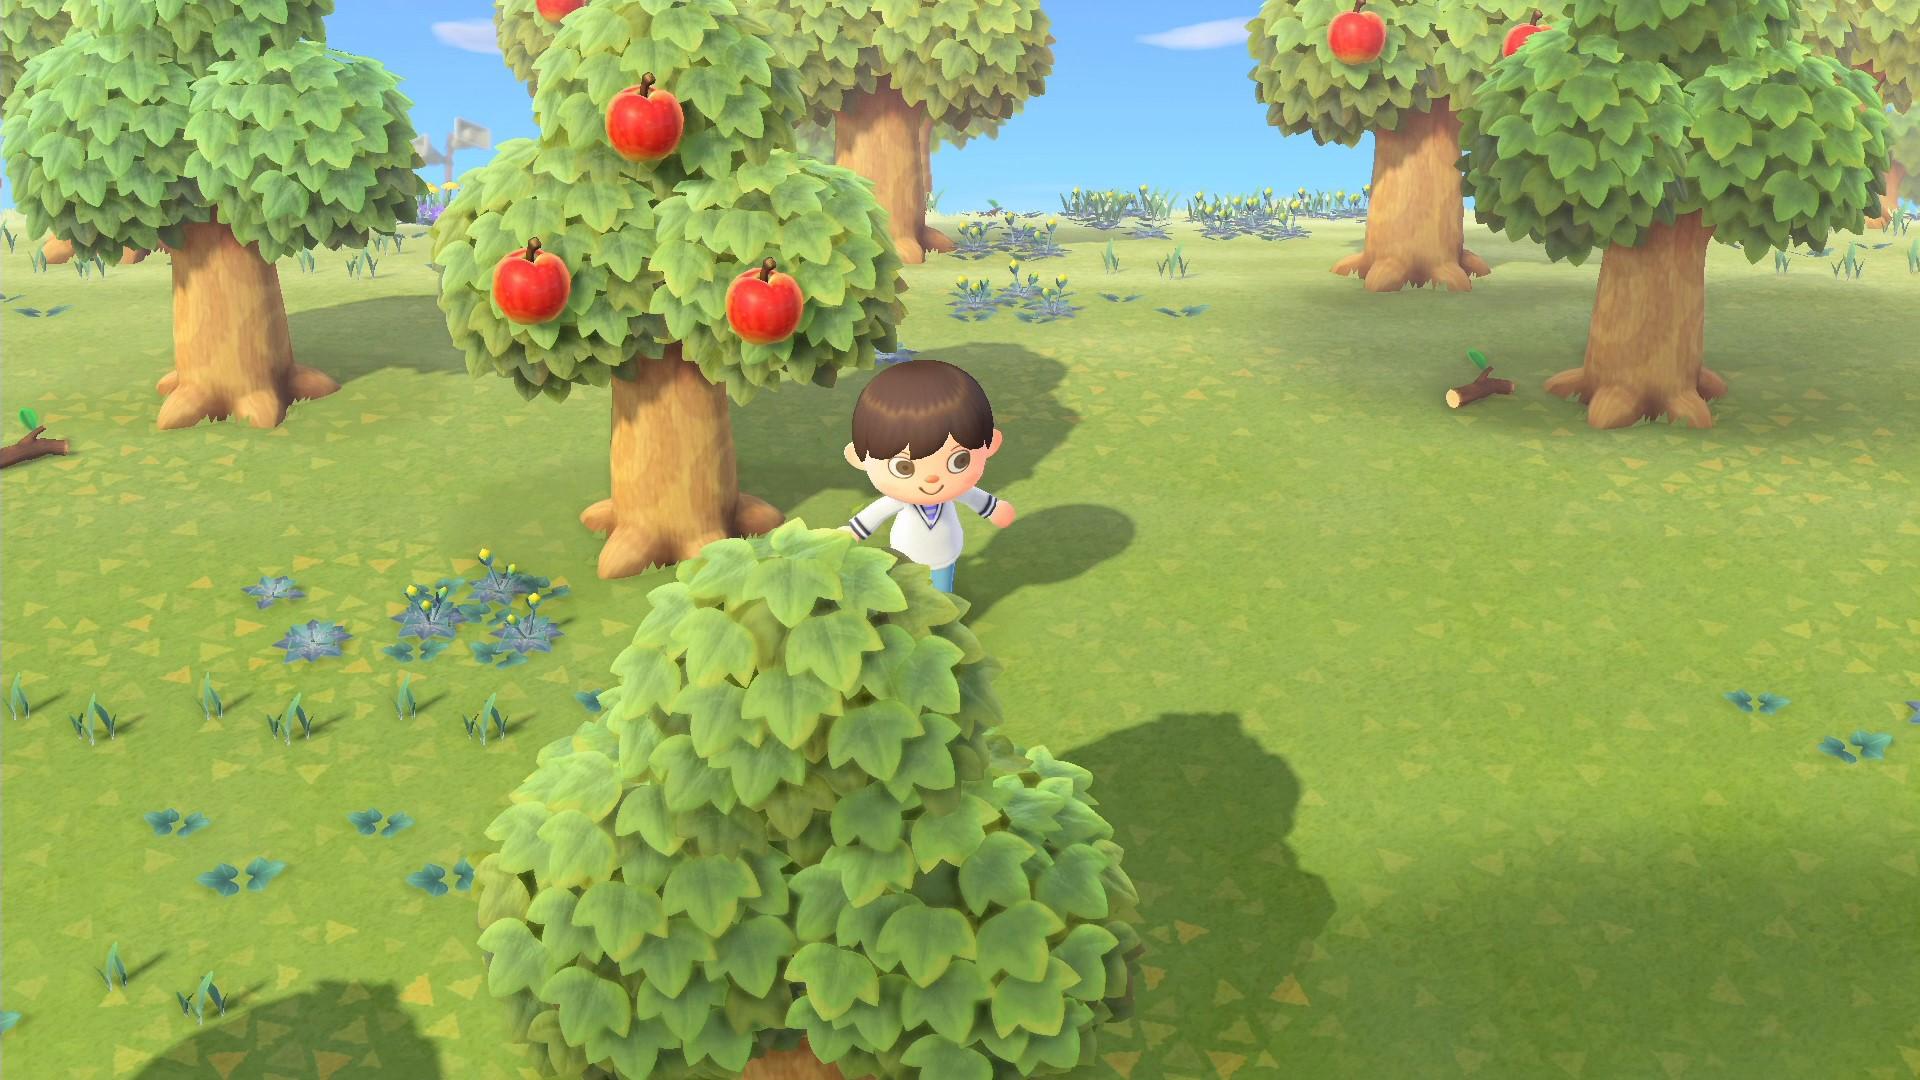 この島にはリンゴの木がたくさんあるようだ